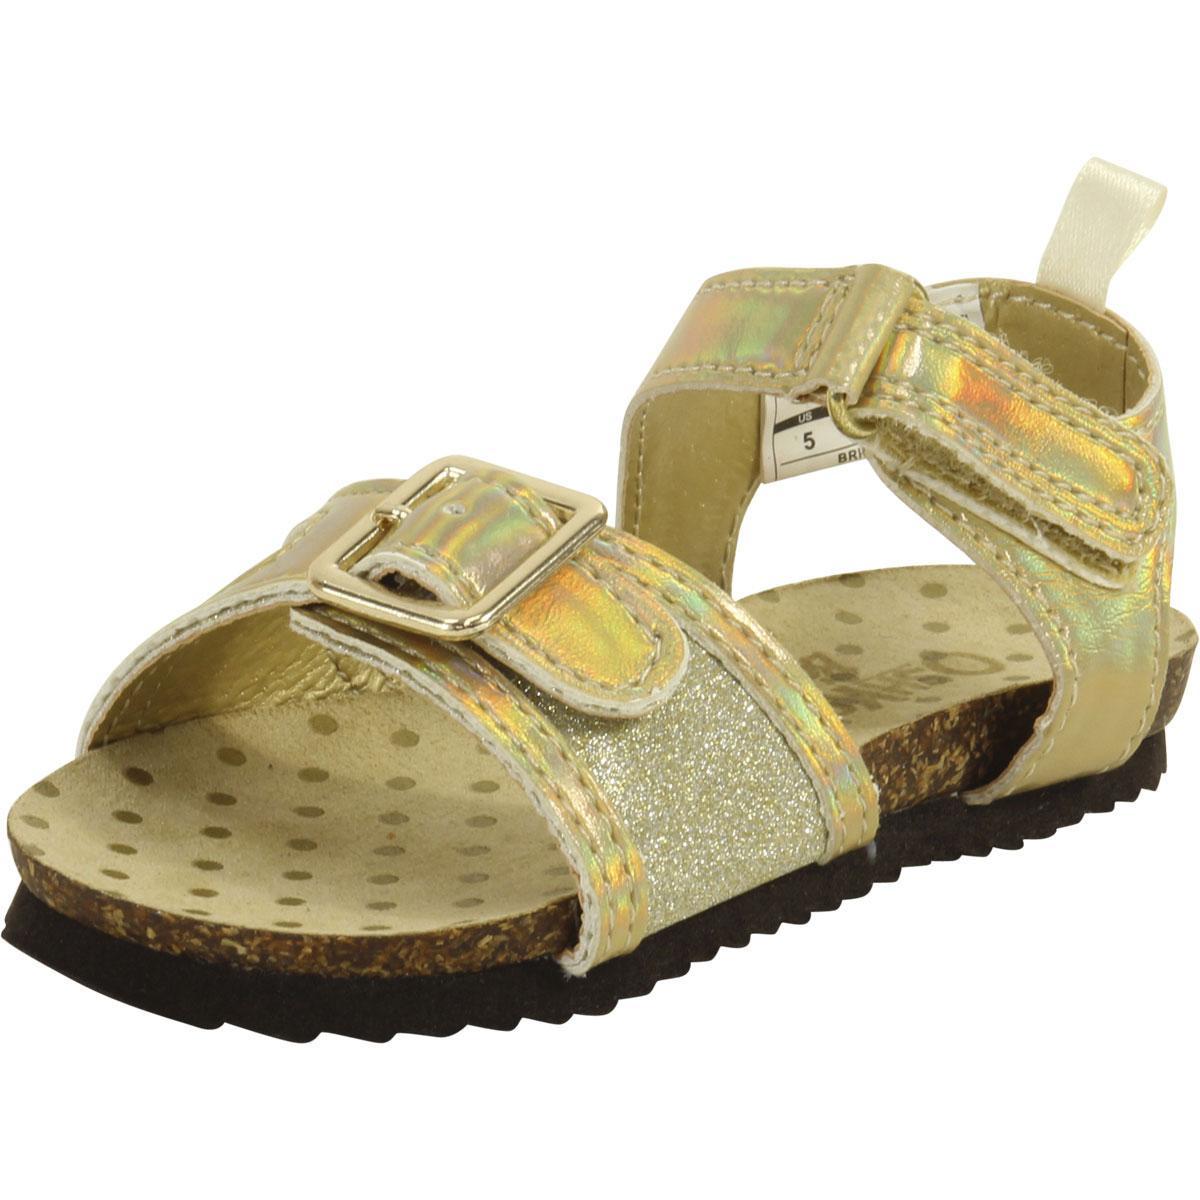 ebb25b319 OshKosh B gosh Toddler Little Girl s Britt Sparkle Sandals Shoes